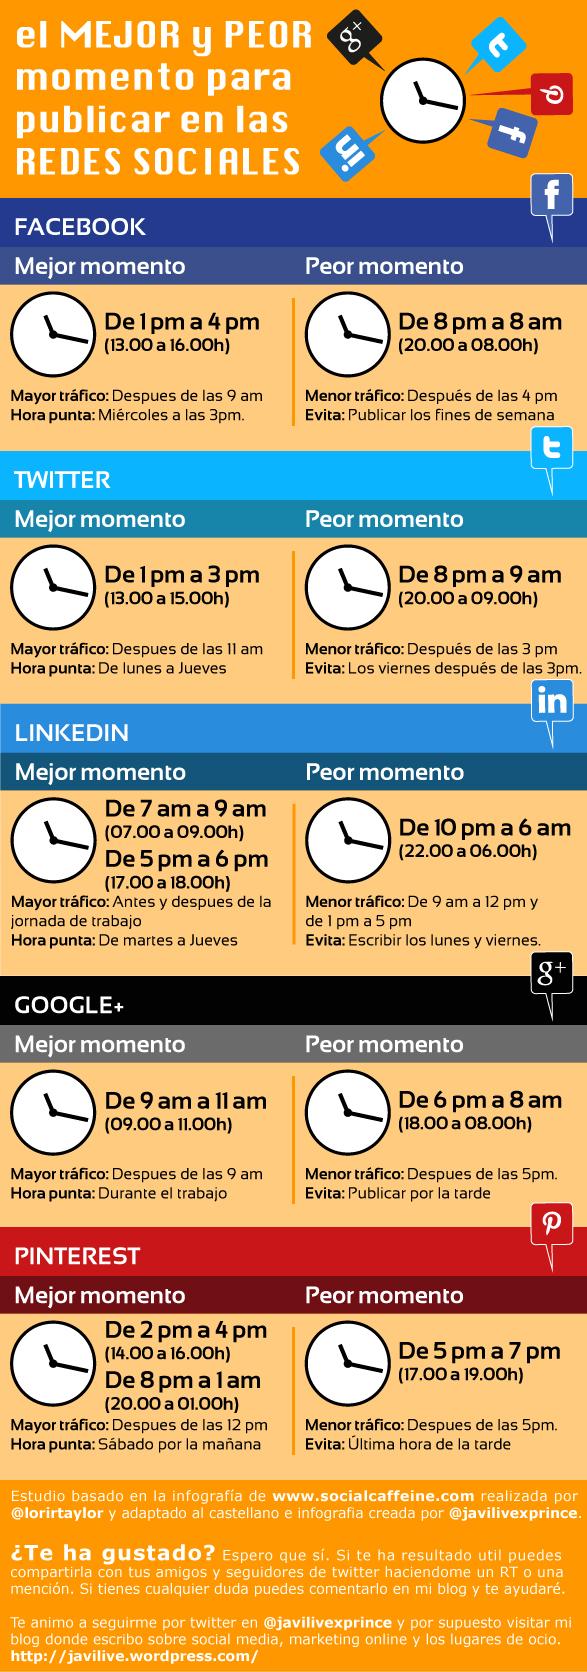 Mejores-horas-redes-sociales